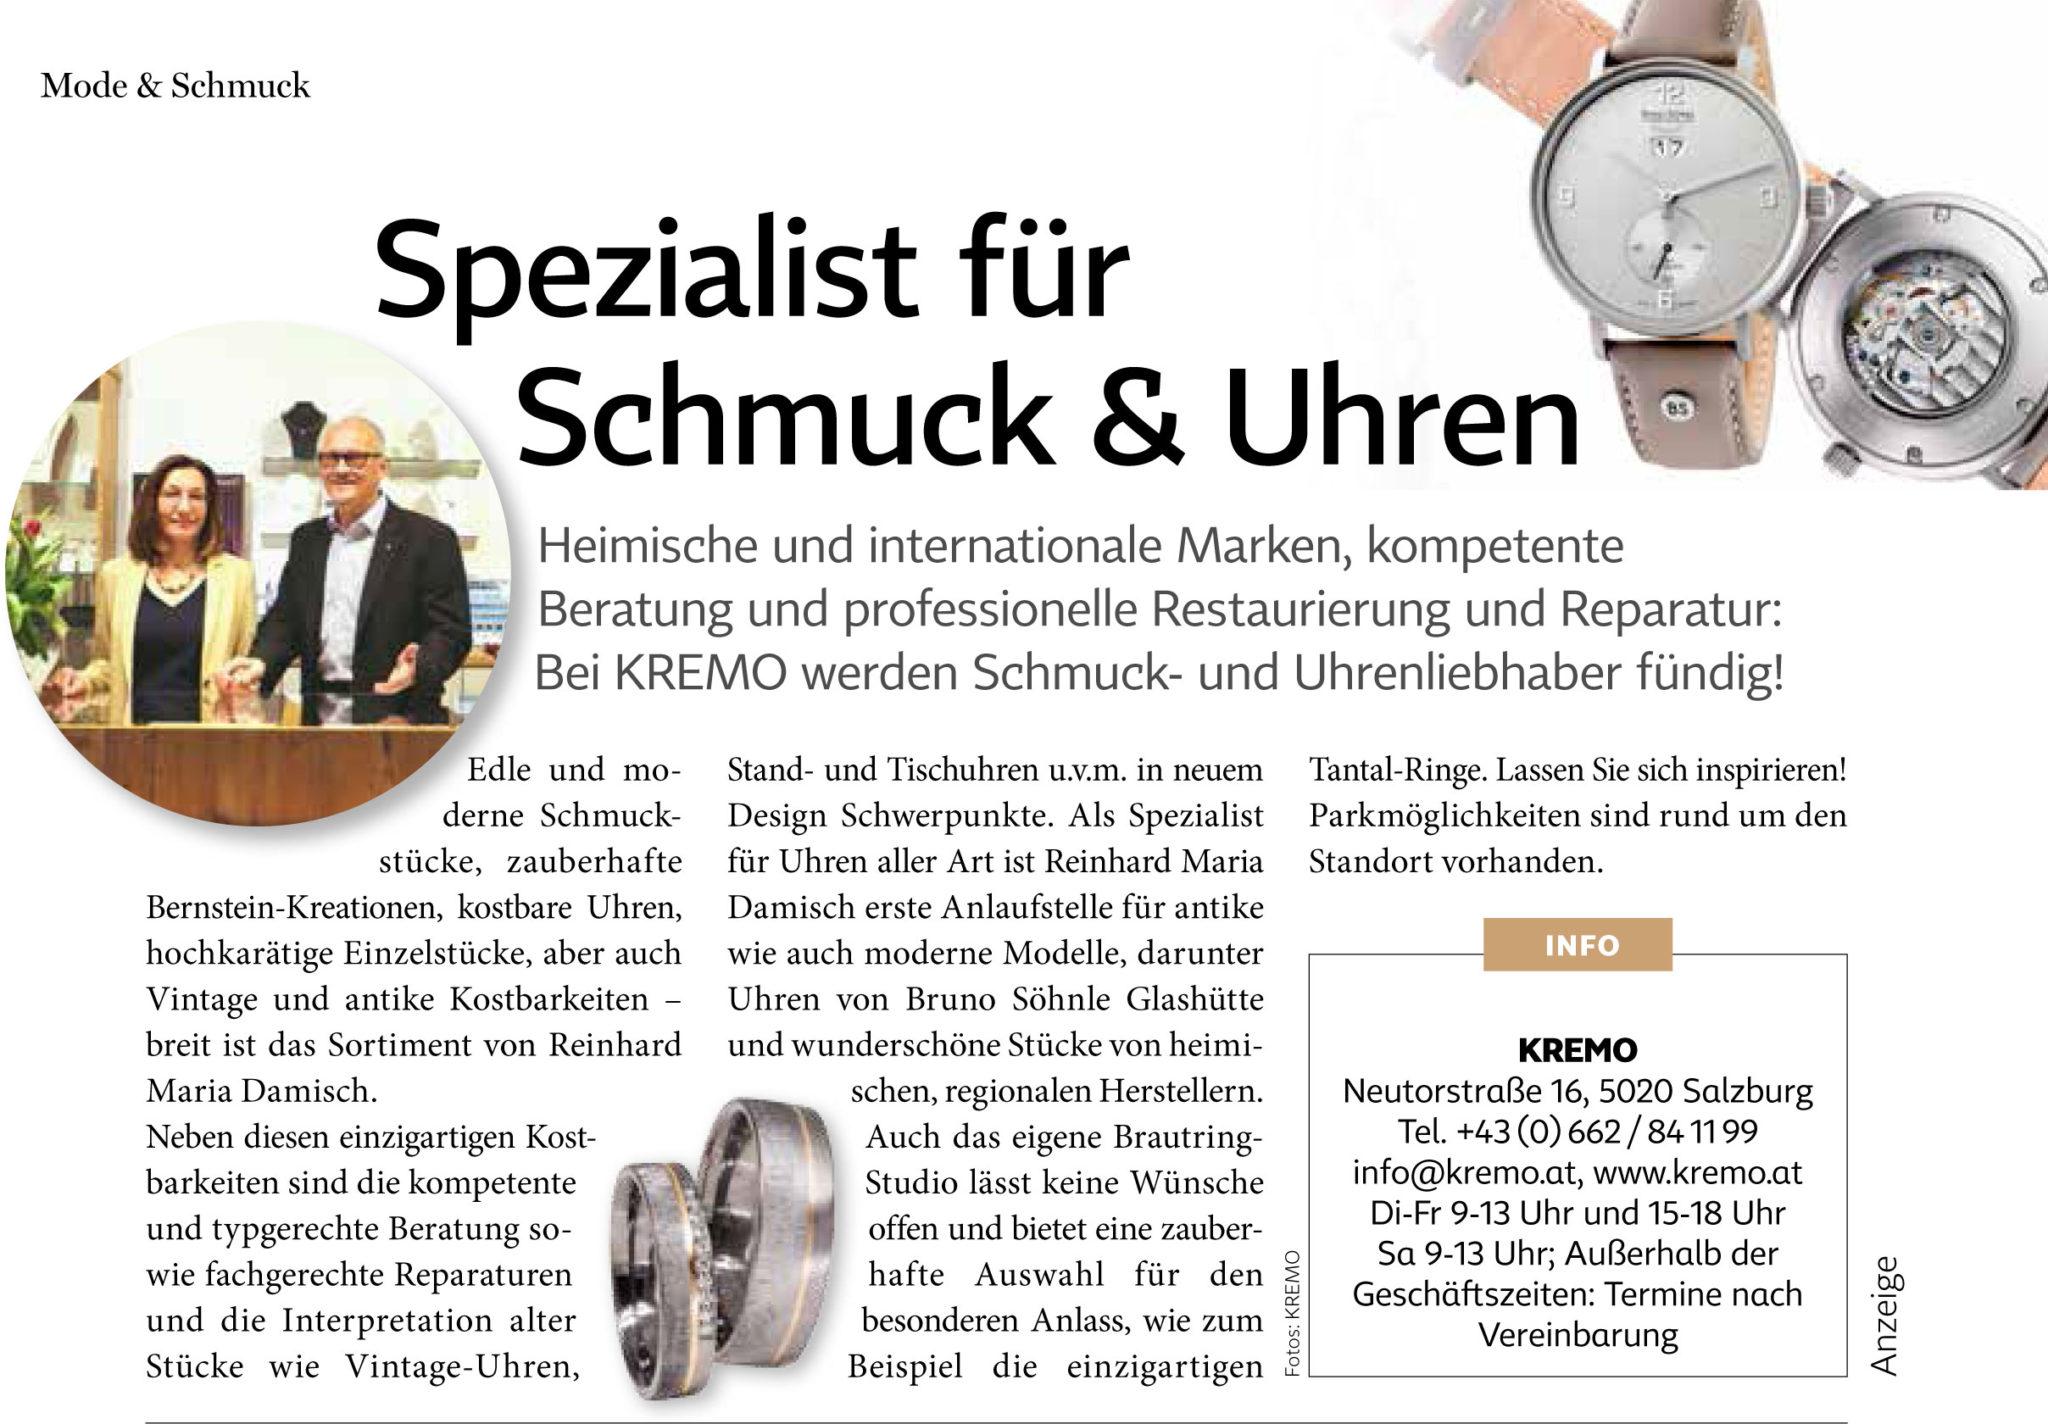 """Mode & Schmuck KREMO in der Zeitschrift """"Salzburgerin"""""""